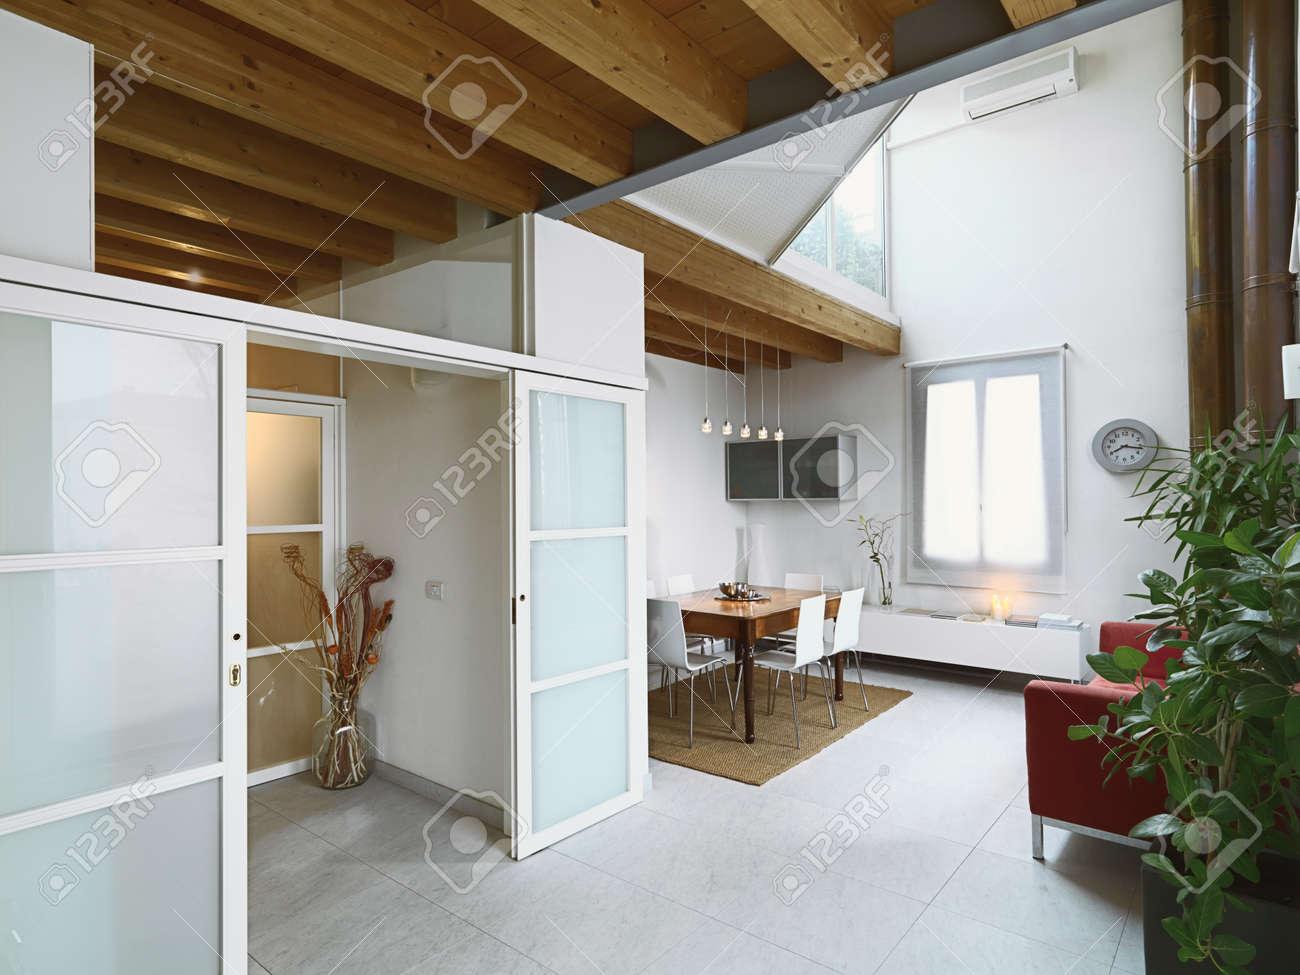 Vue De L'intérieur D'un Salon Moderne Avec Une Table à Manger Au ...